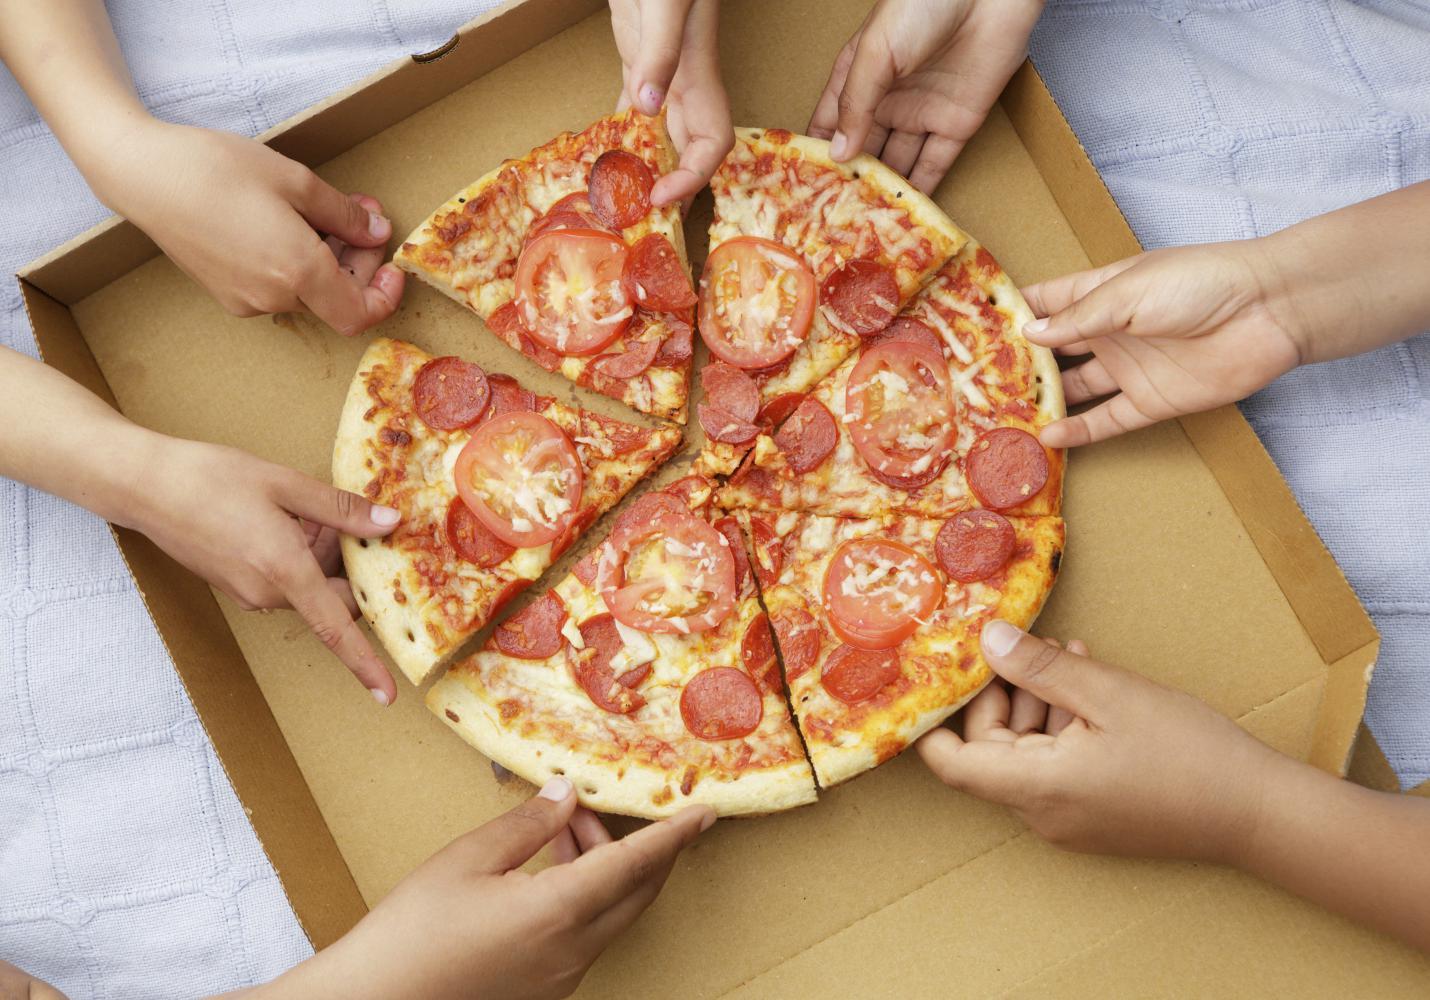 Livraison Pizza Les Meilleures Pizzas A Se Faire Livrer A Domicile